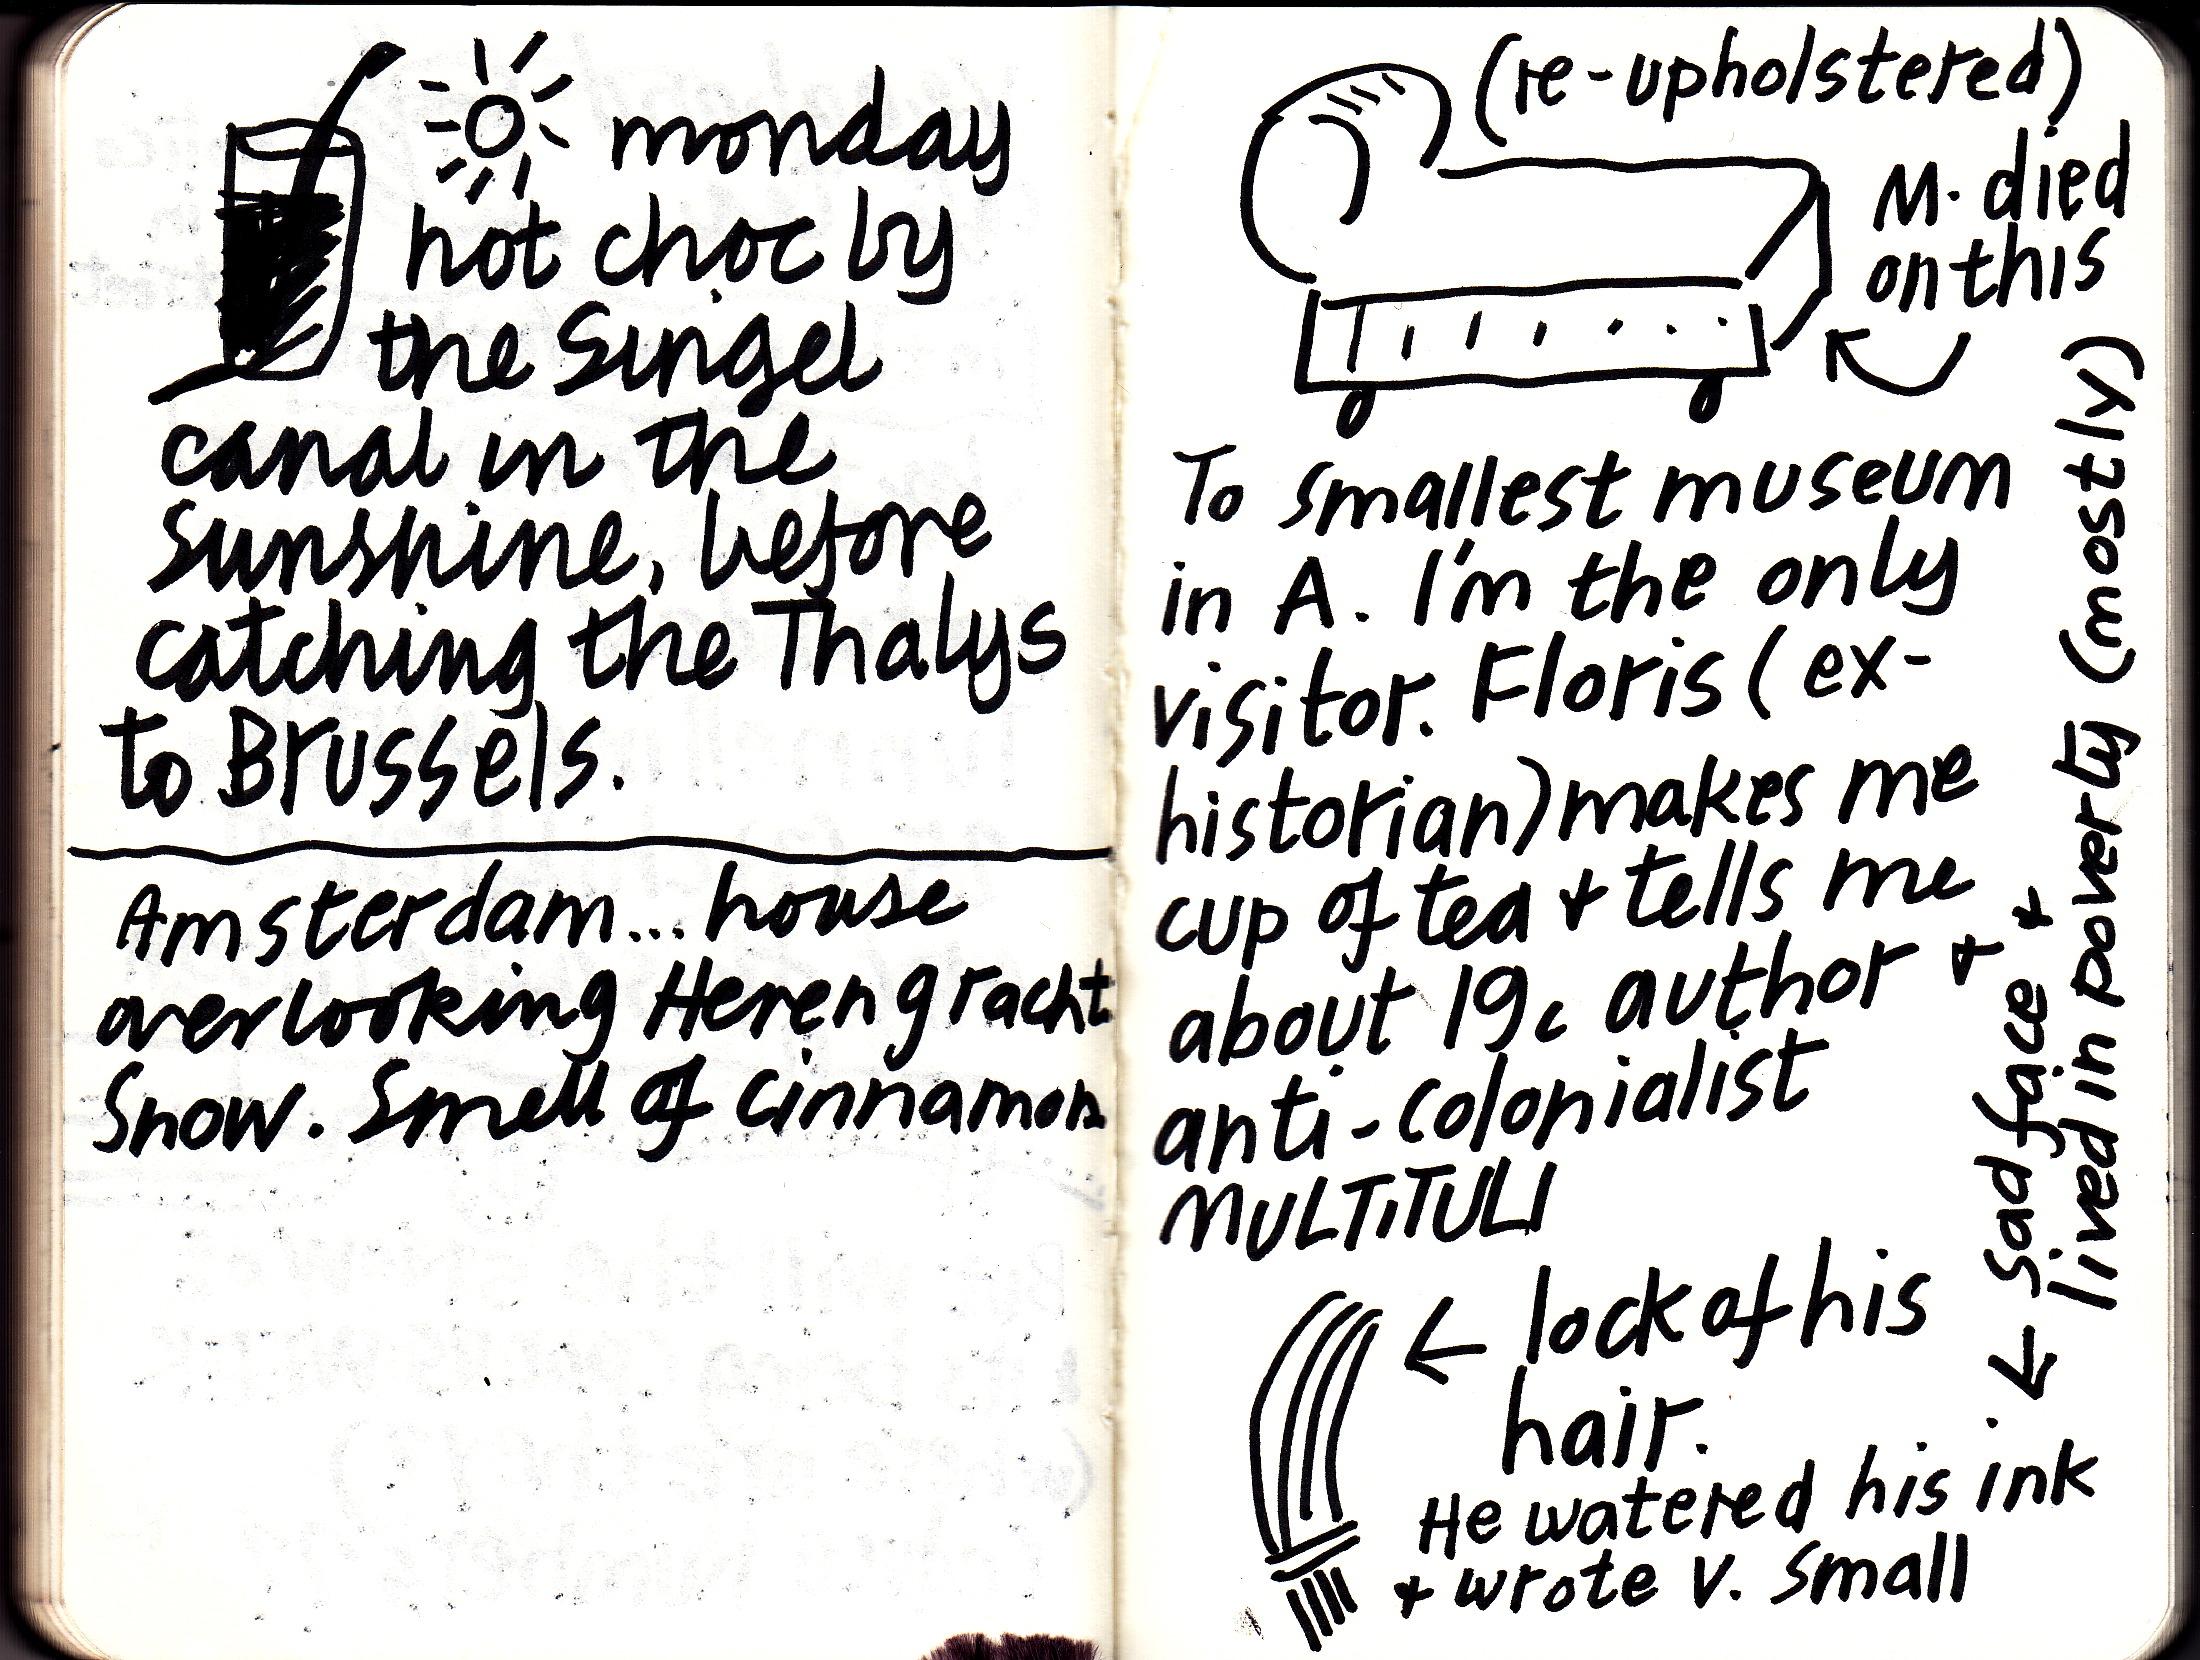 notebook feb 20 2015